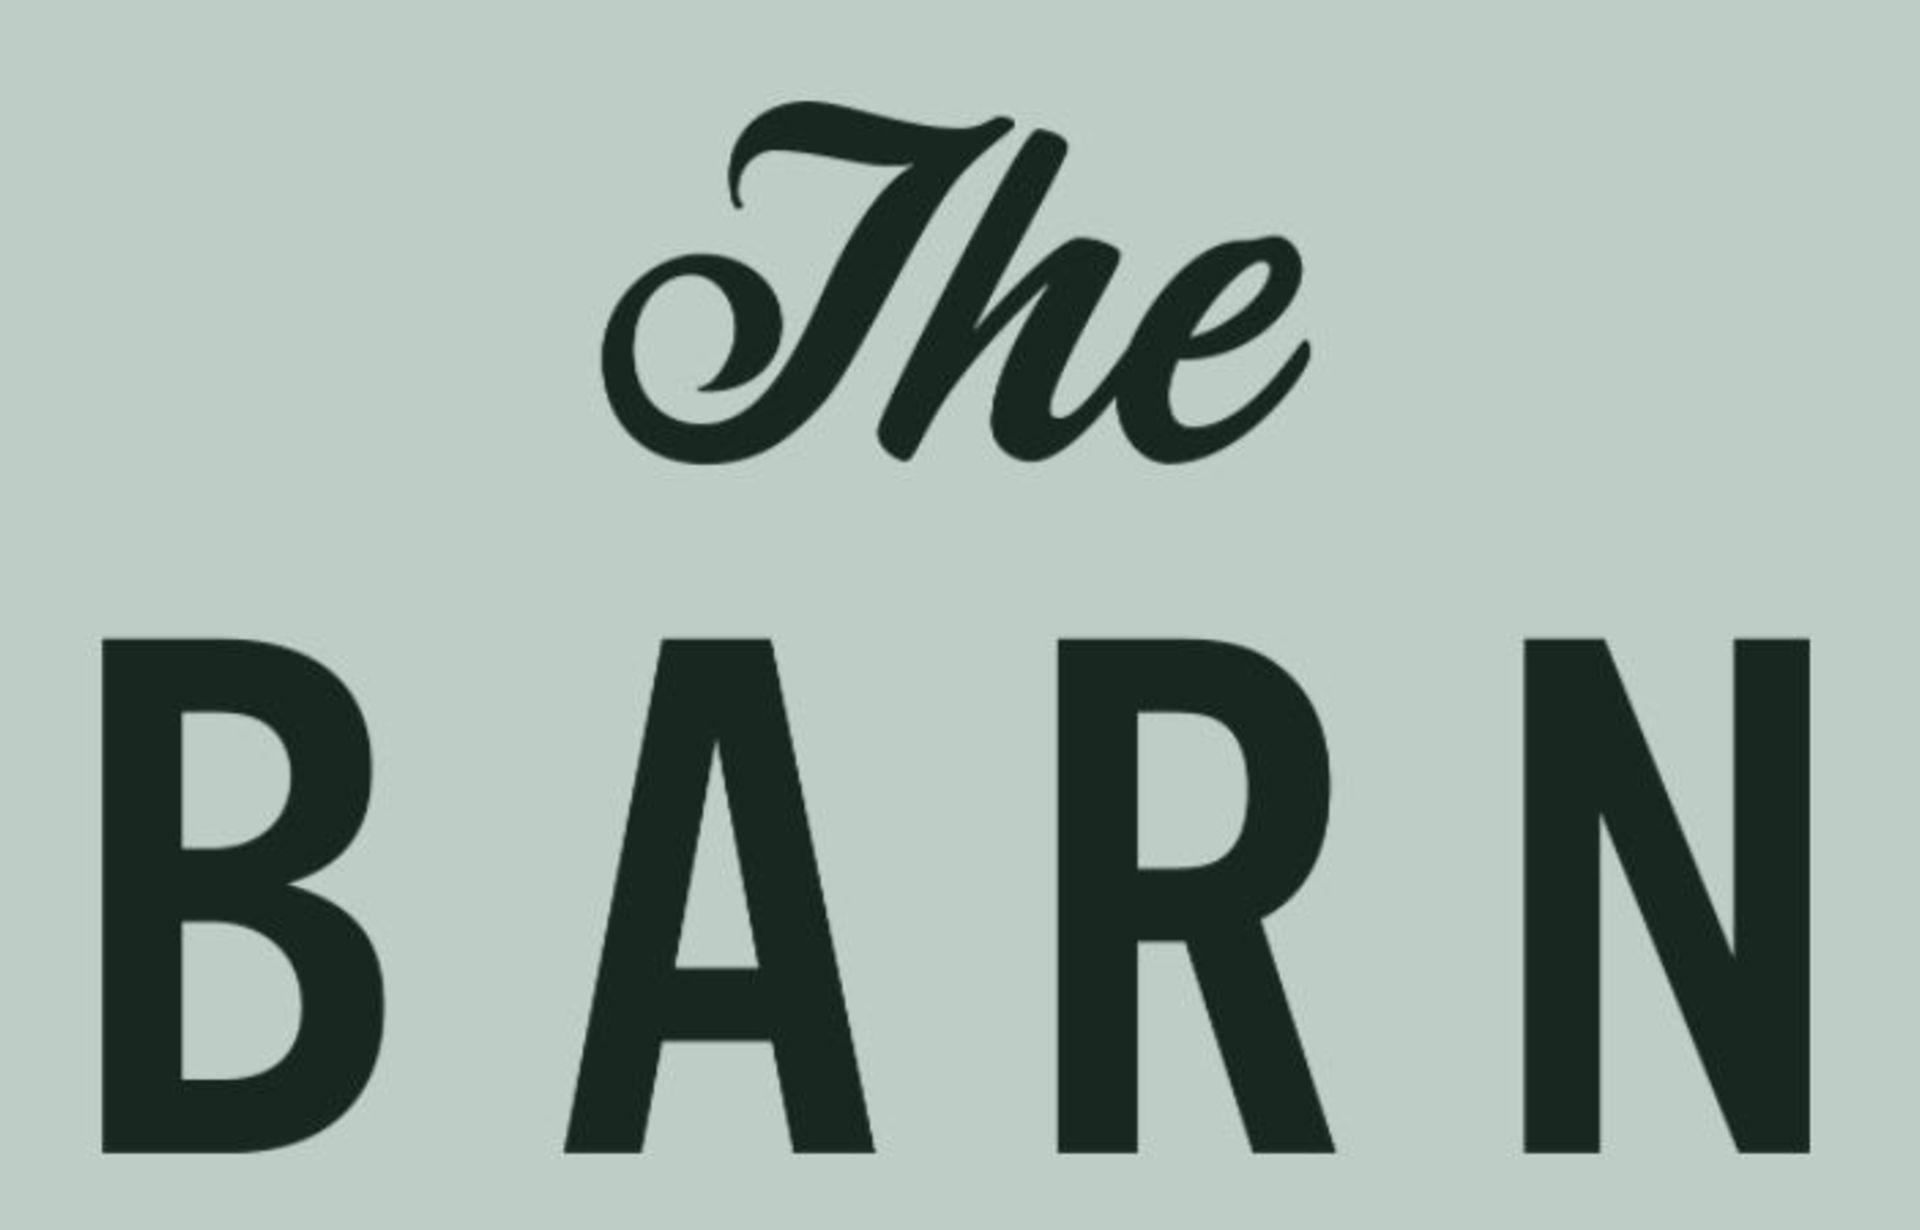 The Barn at The Summit at Fritz Farm